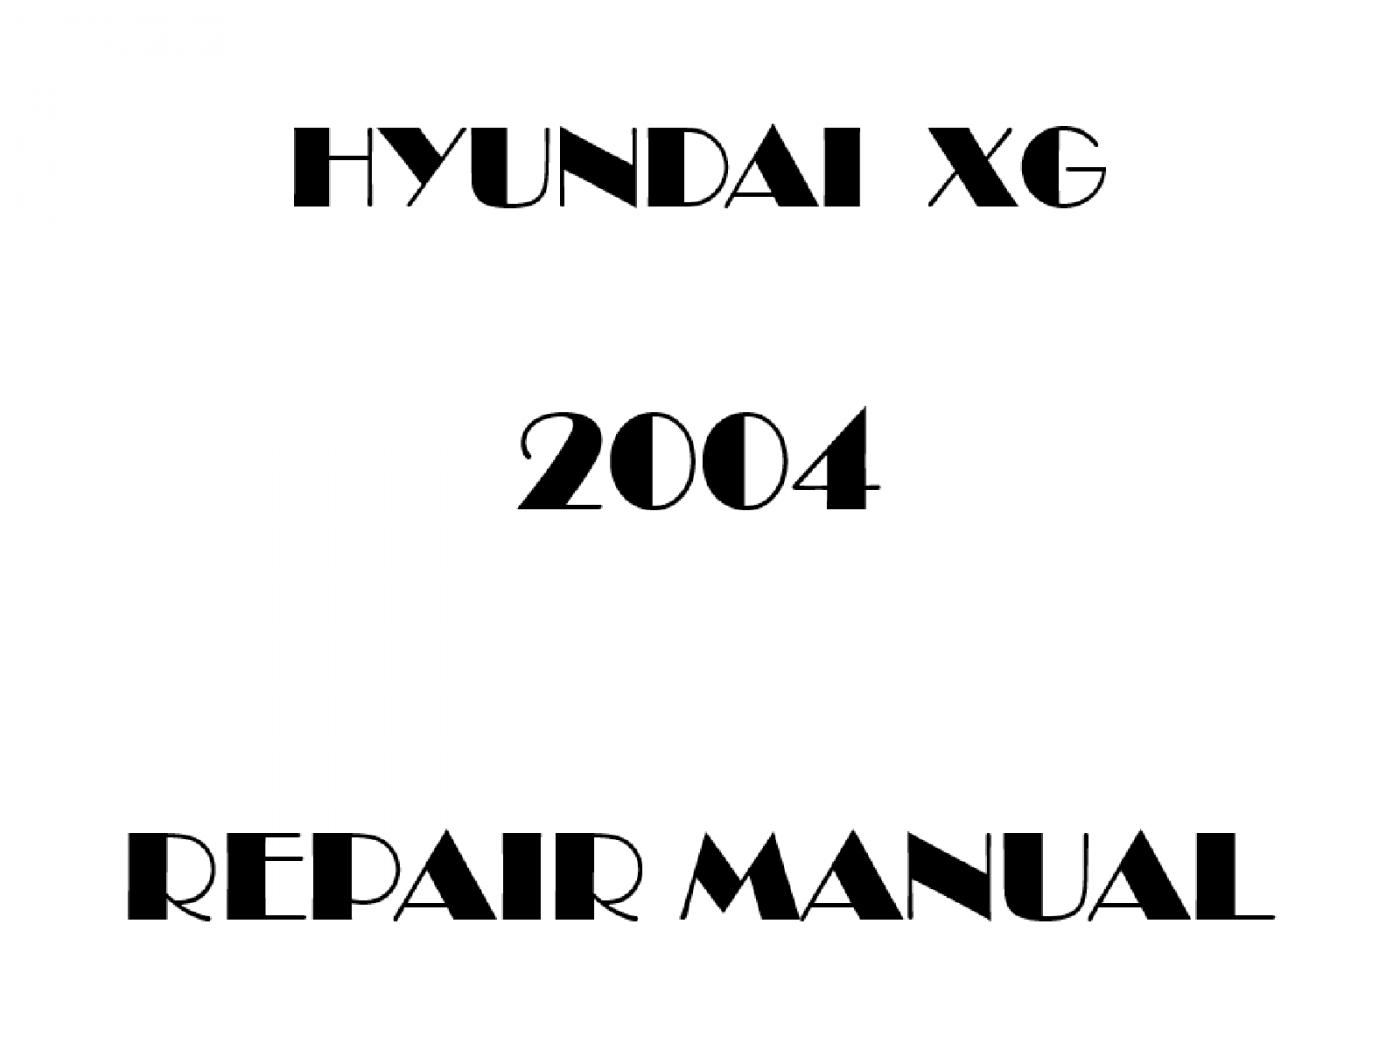 2004 Hyundai XG repair manual